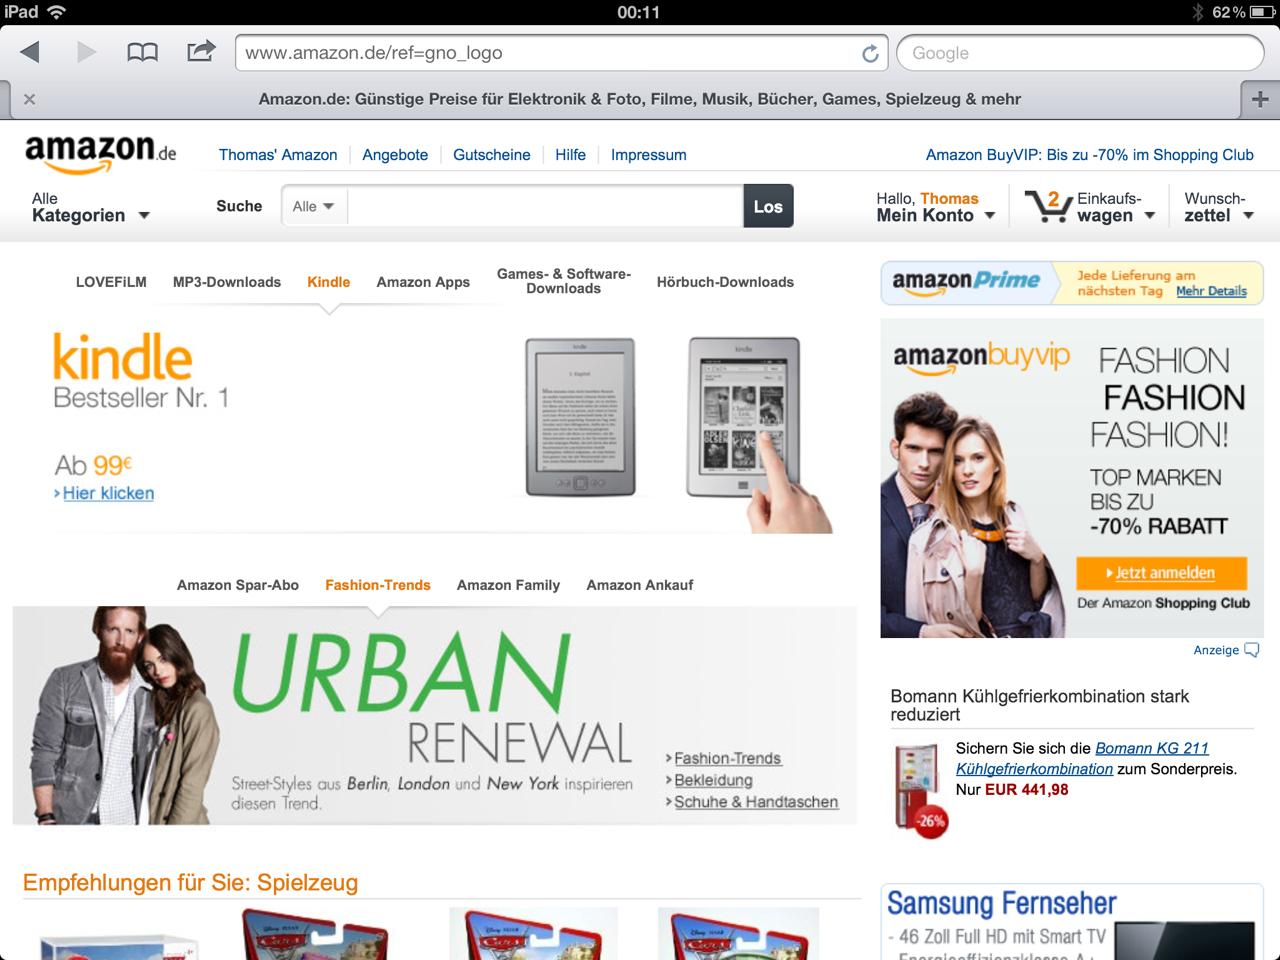 Amazon.de im neuen Look auf dem iPad